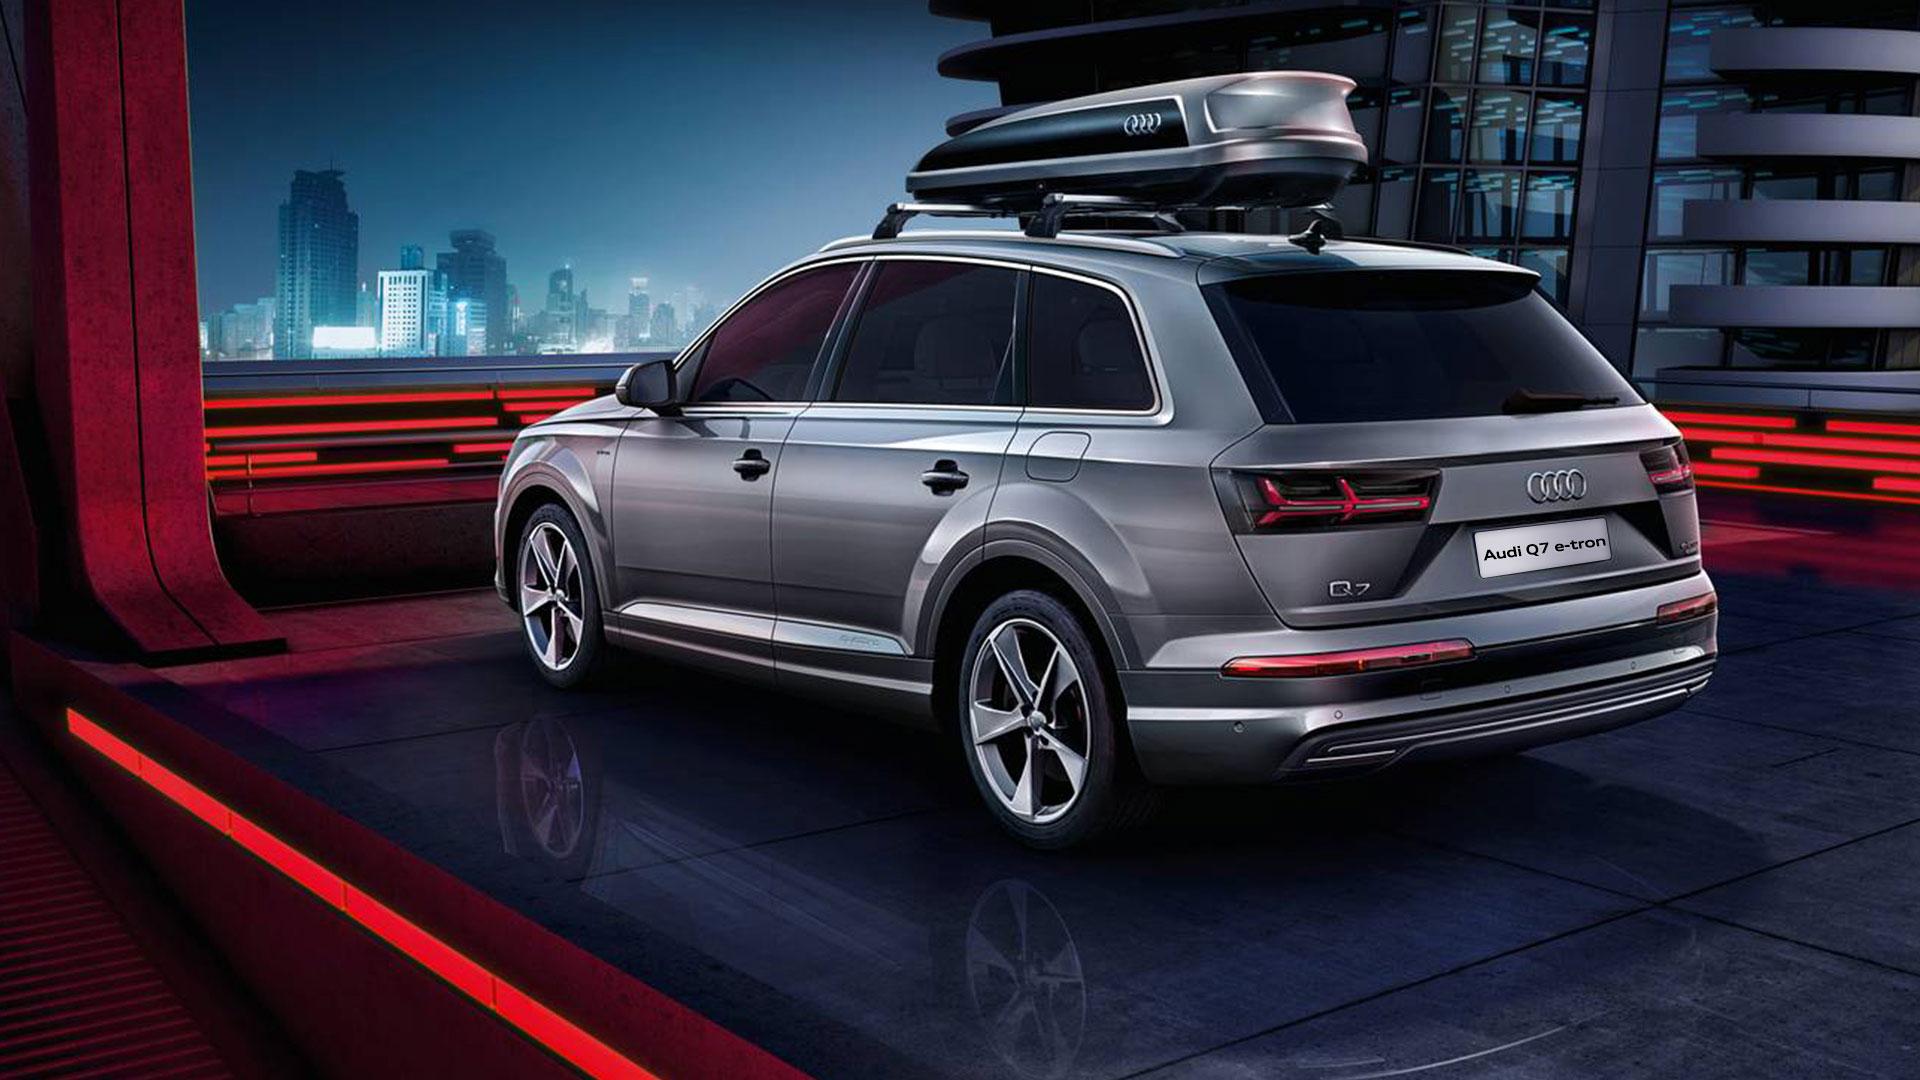 Kelebihan Audi Q7 Etron Perbandingan Harga